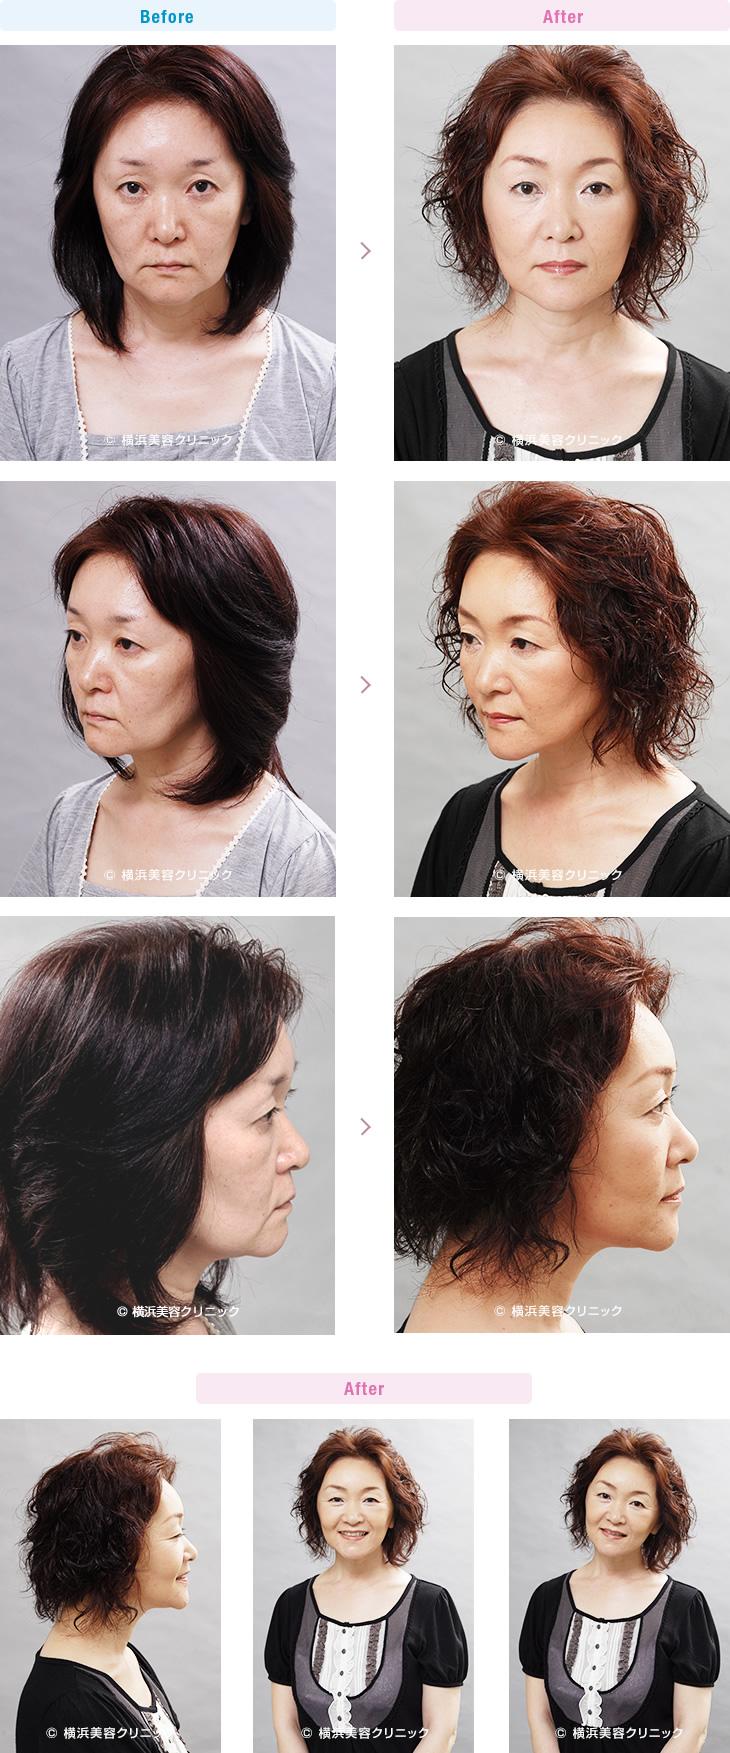 フェイスリフト 【40代女性】頬のタルミが進行しフェイスラインが崩れた場合でも、ミニリフト(ミニ切開リフト)は効果的です。(ミニリフトの症例)【横浜美容クリニック】